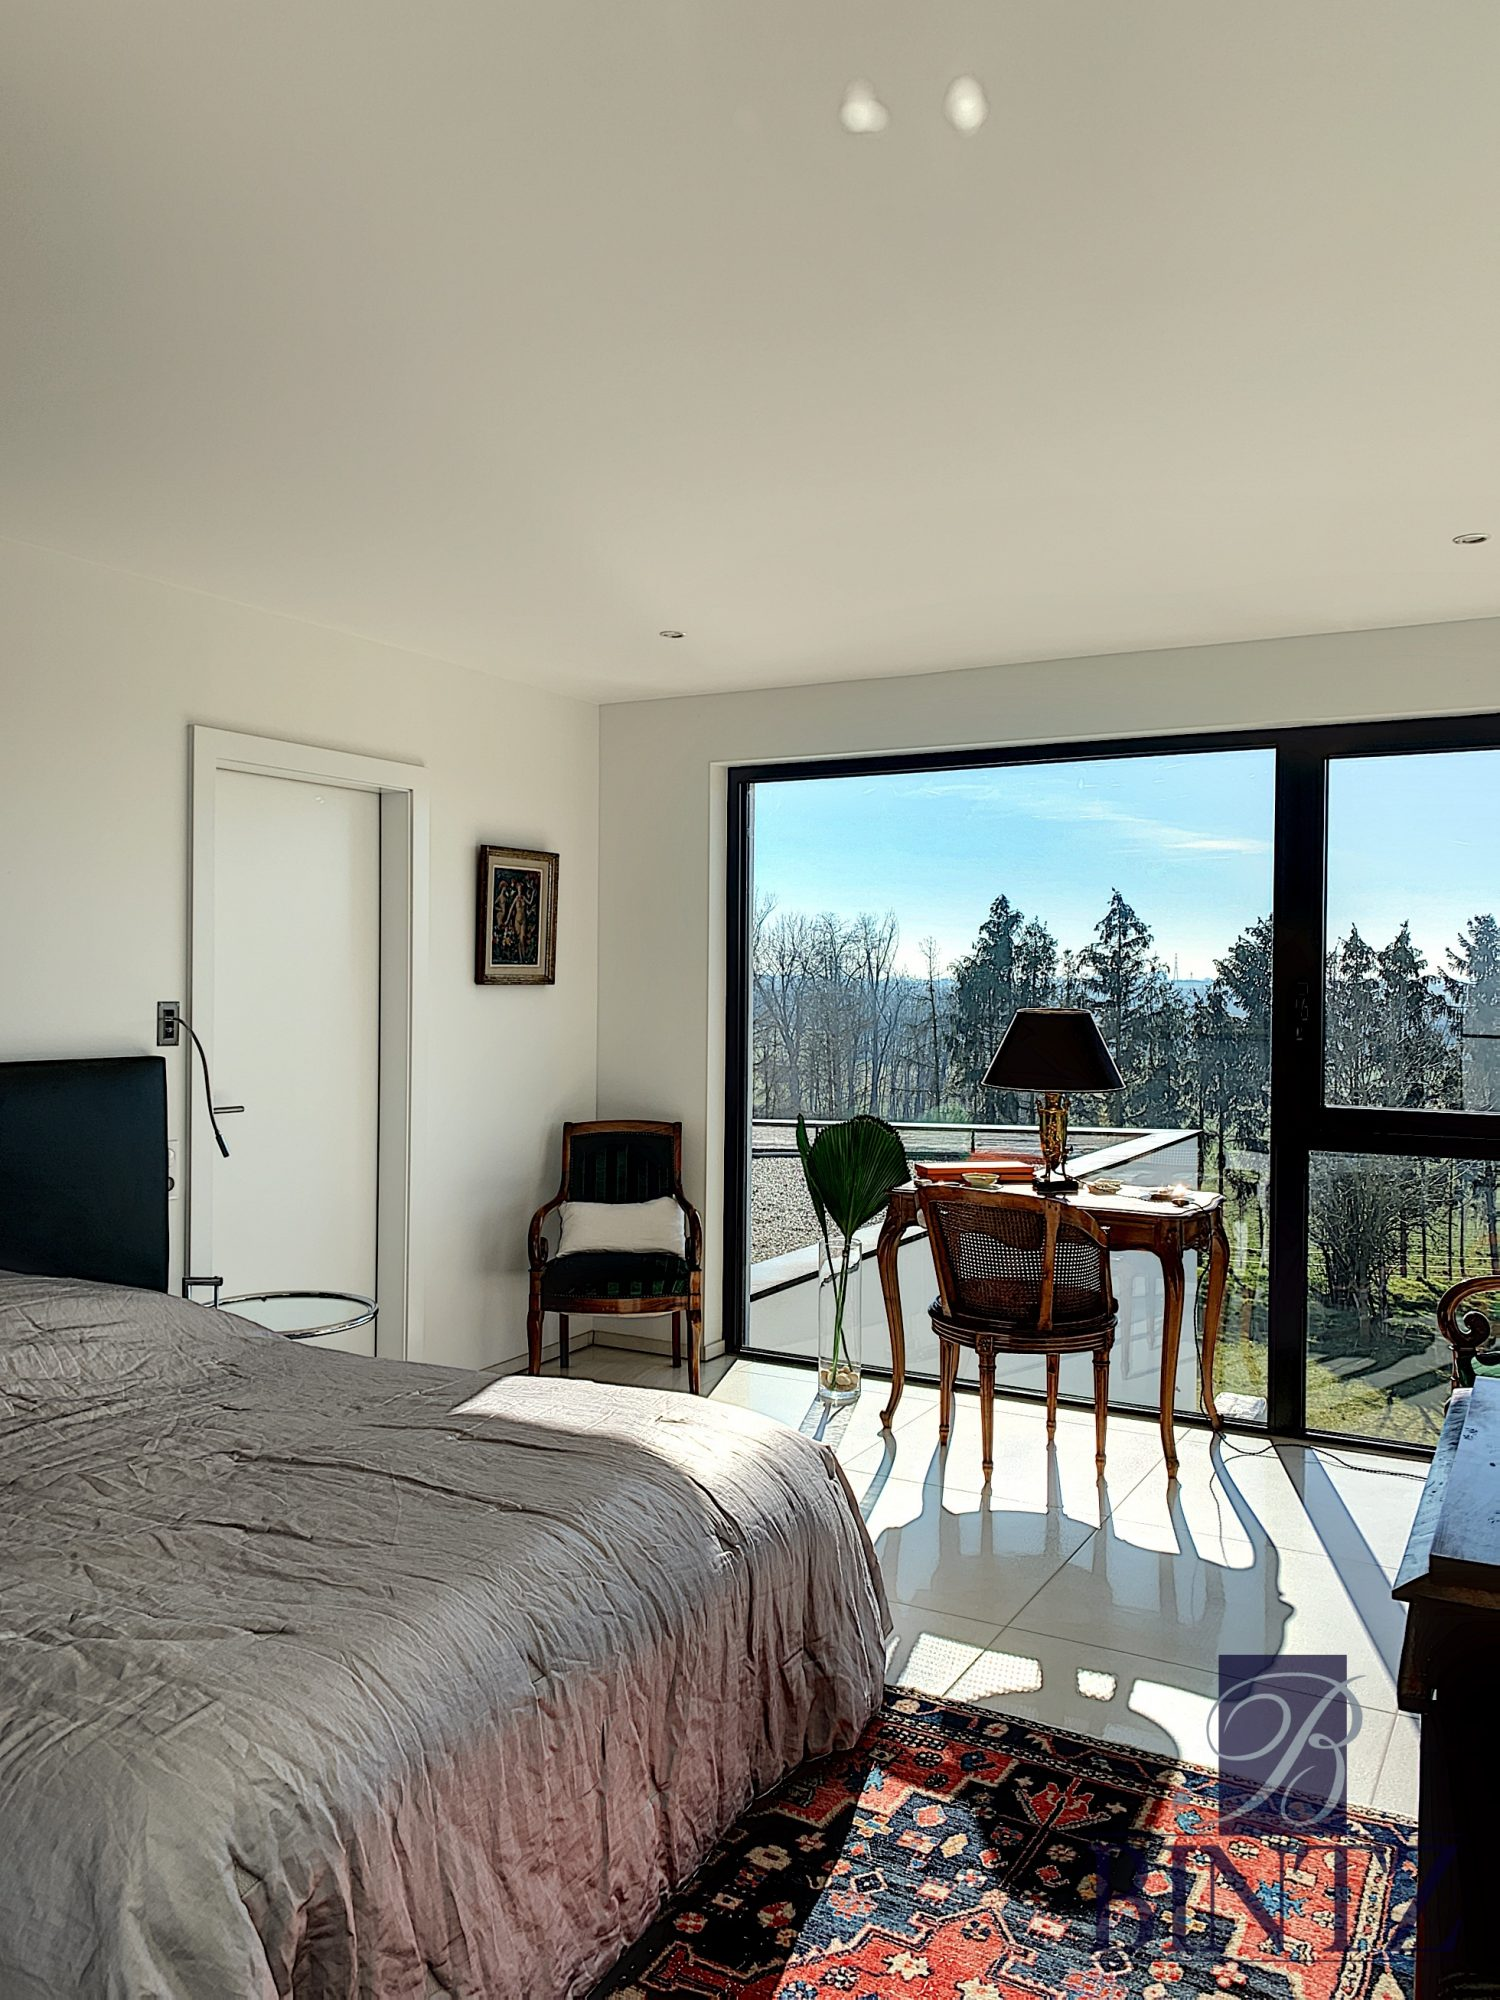 Villa contemporaine au coeur du Kochersberg - Devenez propriétaire en toute confiance - Bintz Immobilier - 19